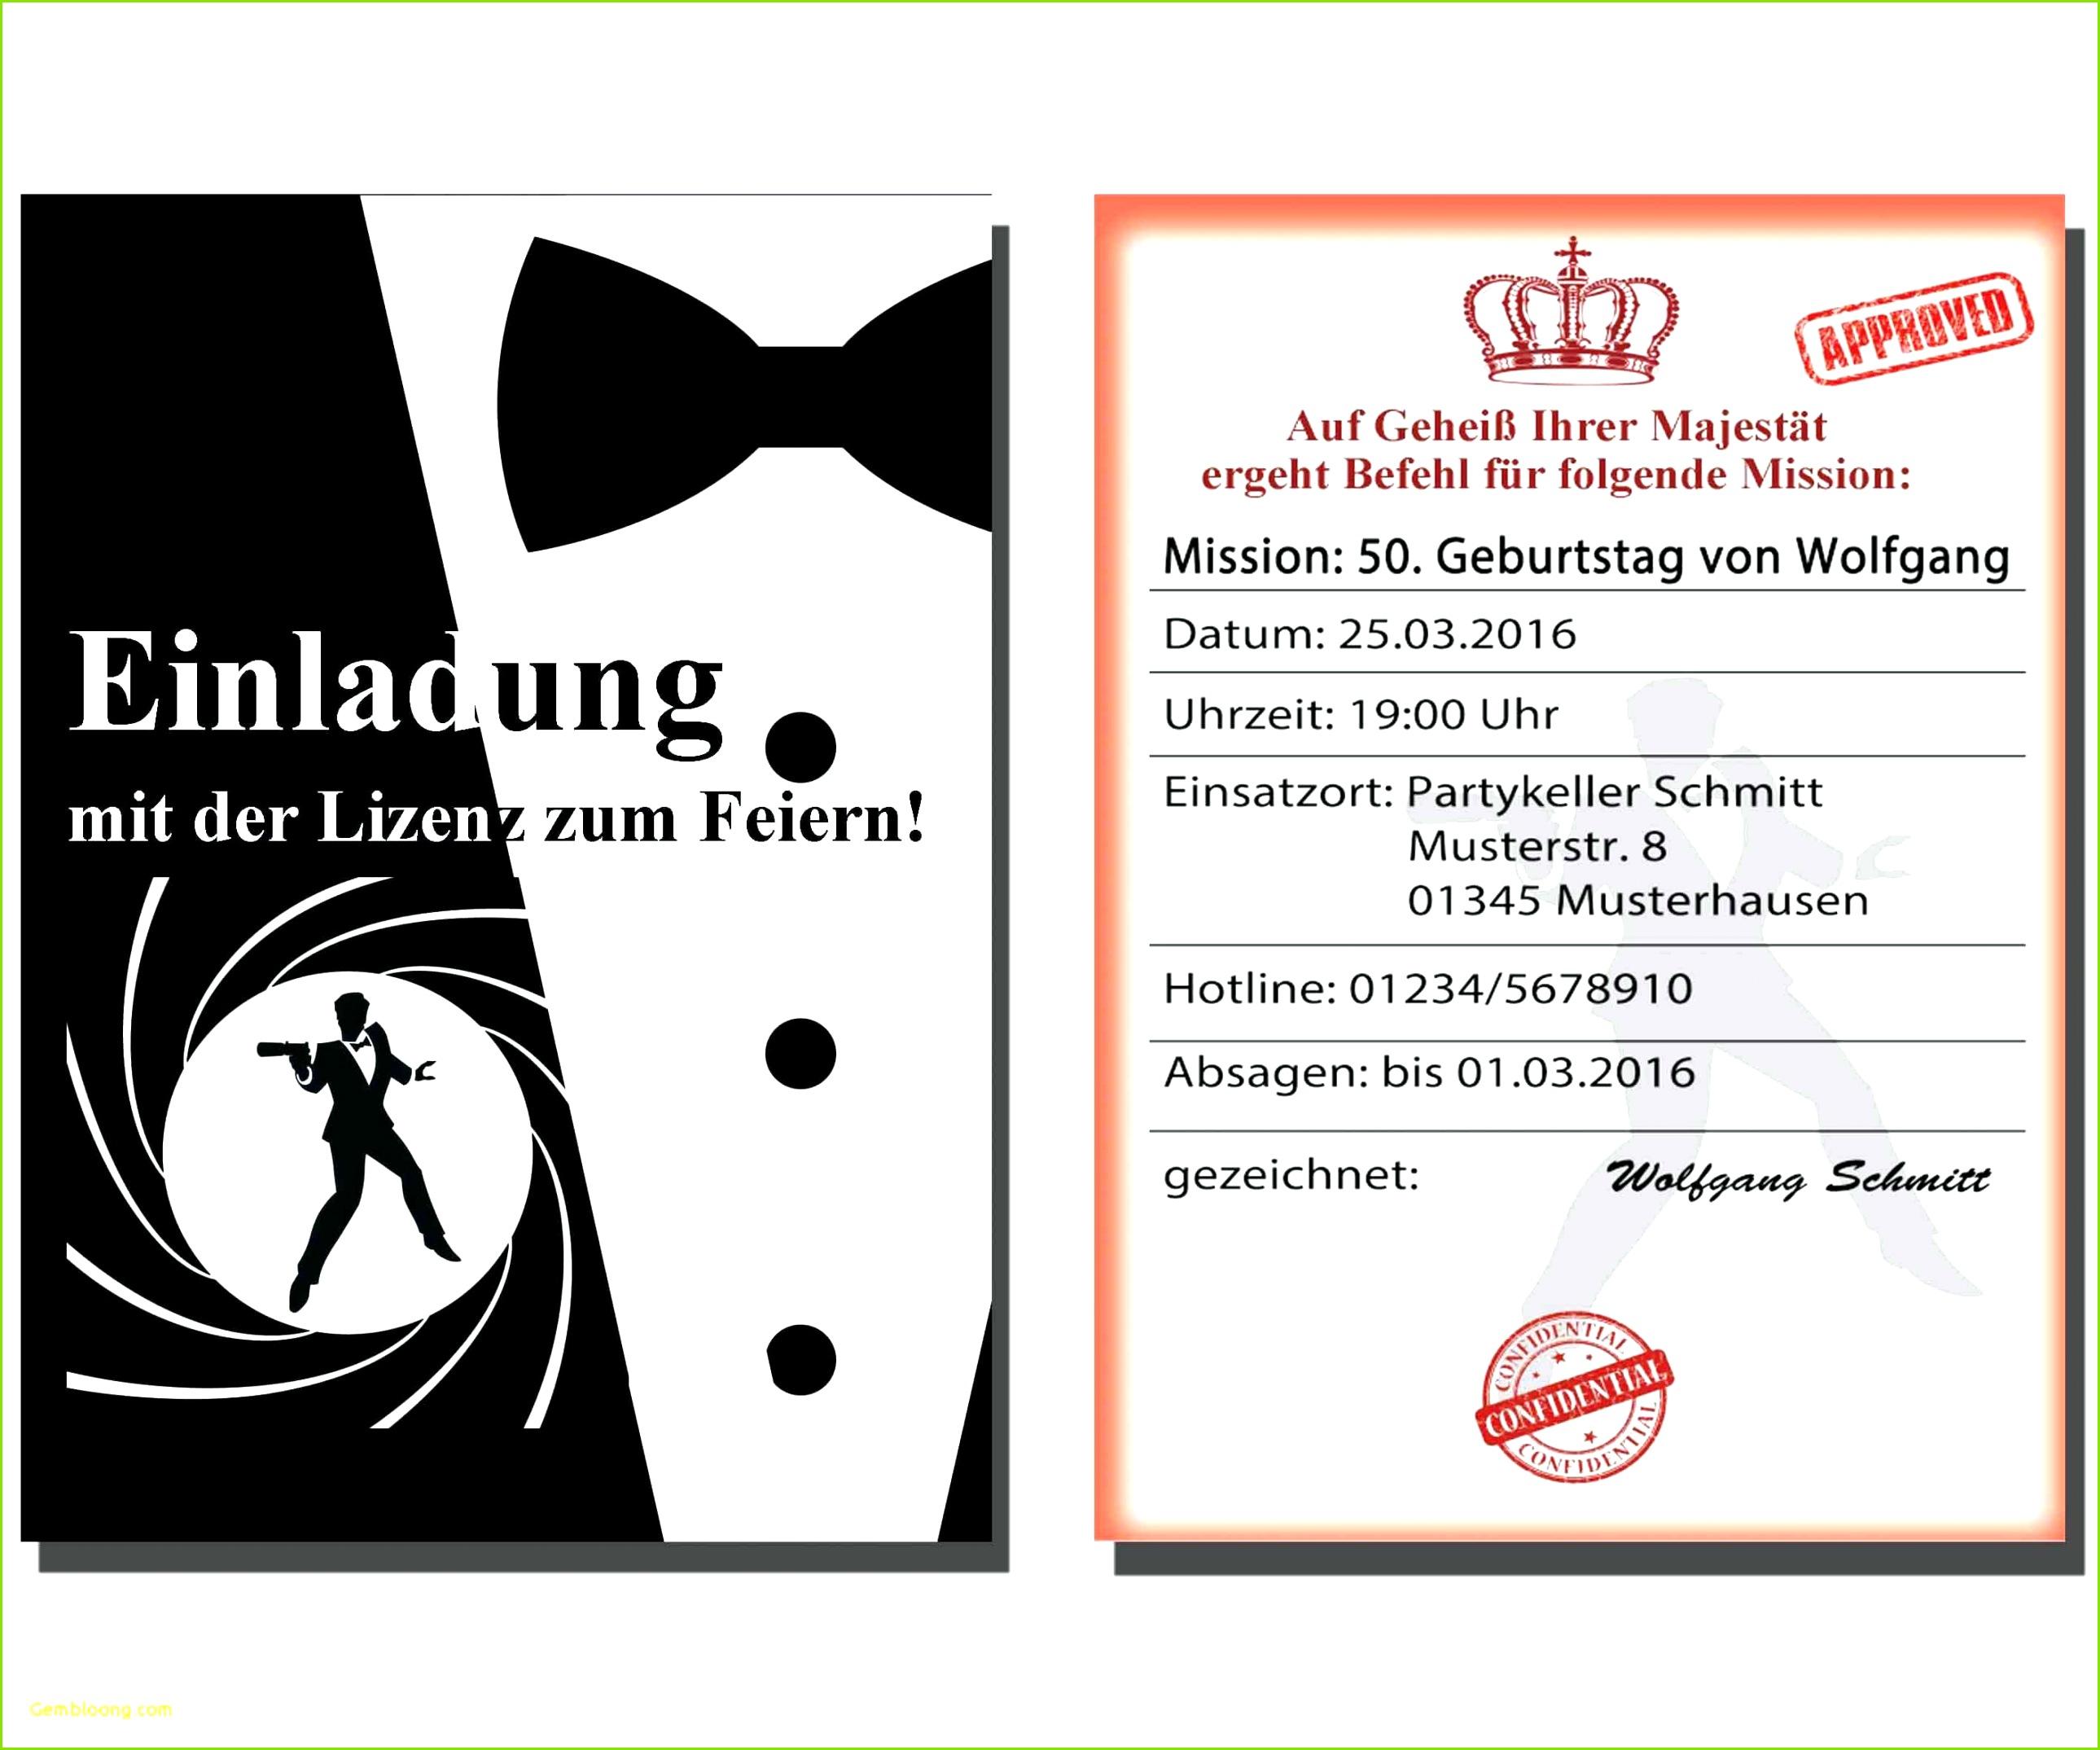 Billige Einladungskarten Einladungskarten Vorlagen Geburtstag Vorlagen Einladungen 0d